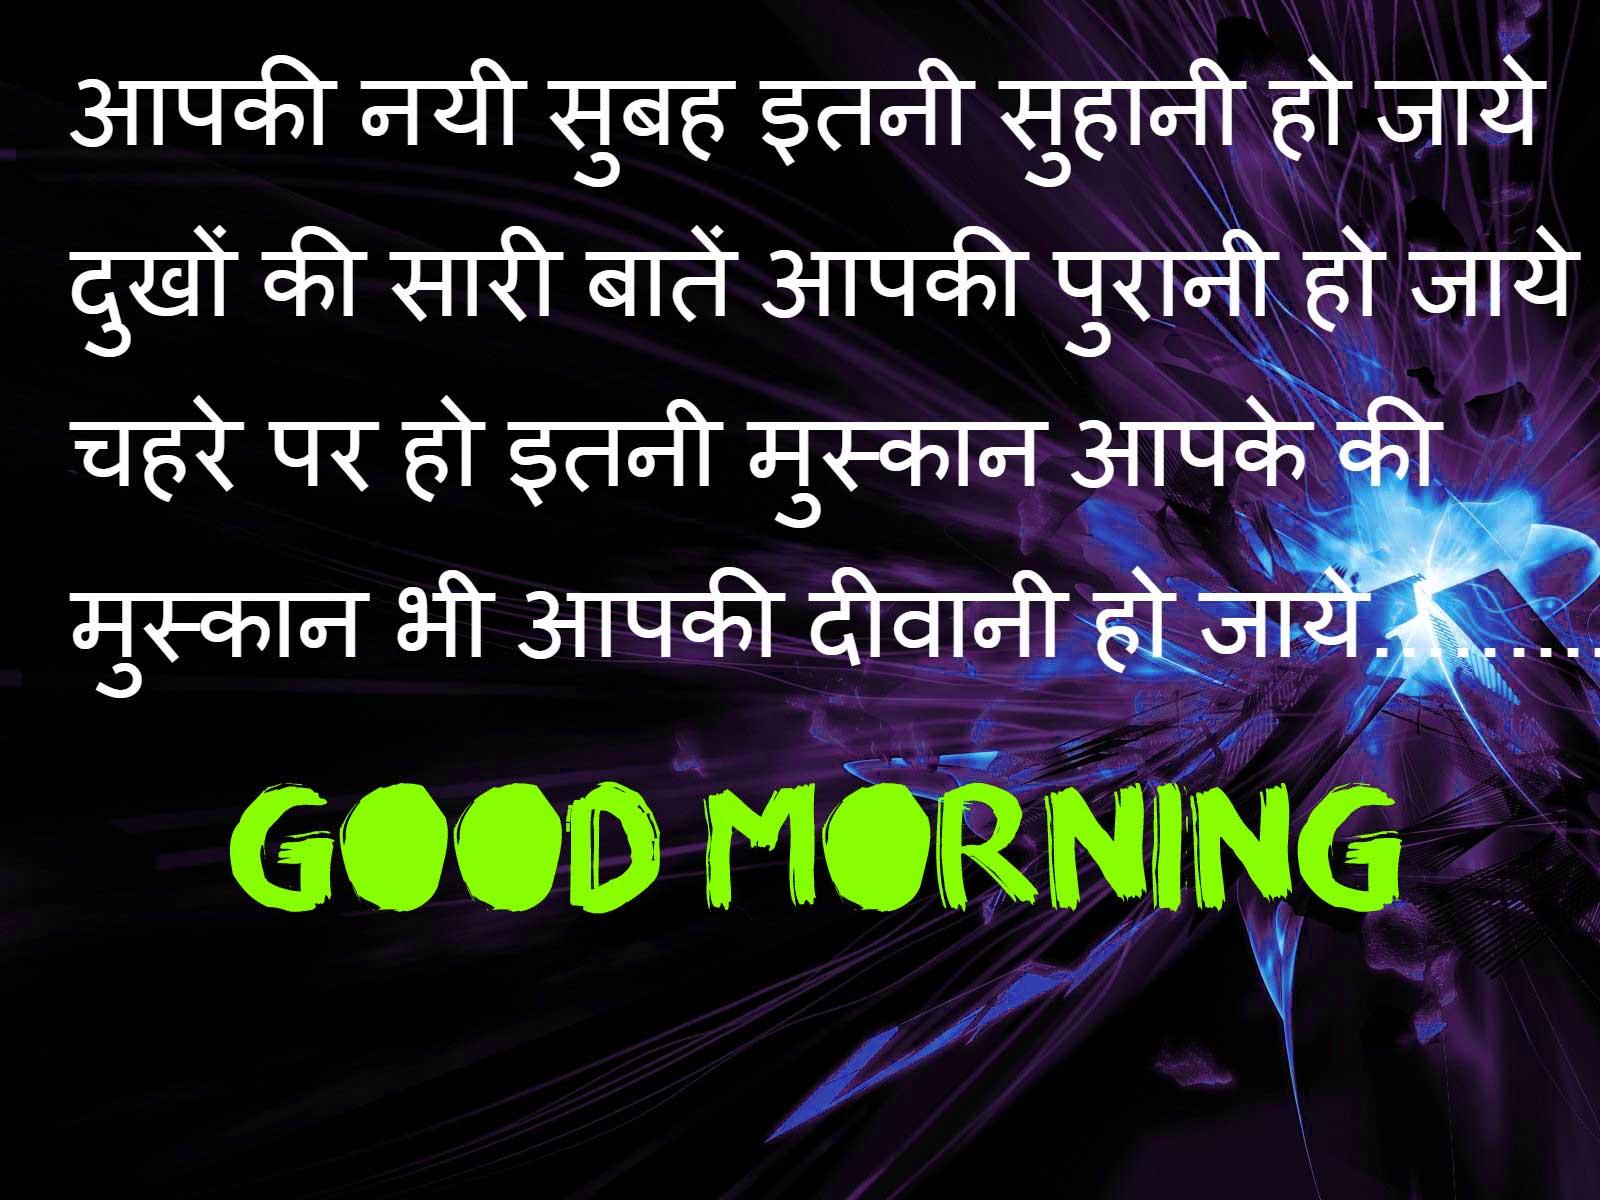 312 Hindi Shayari Image Wallpaper Photo HD Download 1600x1200